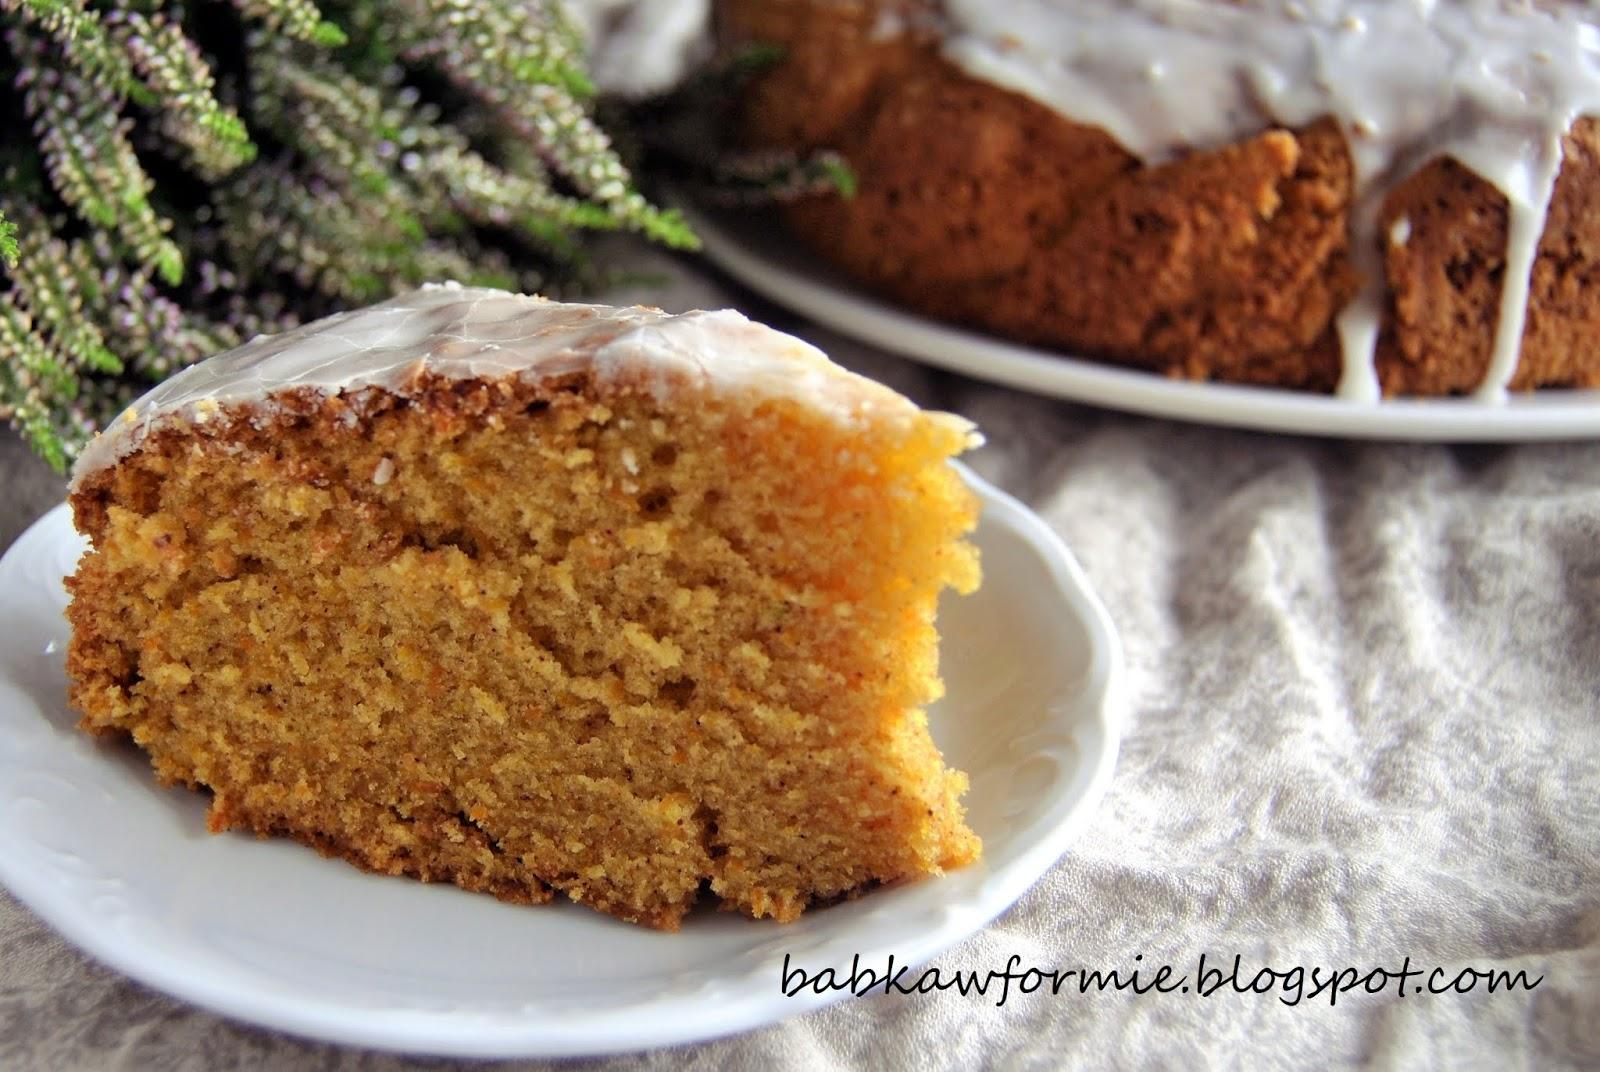 ciasto marchewkowe - kuchnia regionalna (Kujawy) babkawformie.blogspot.com